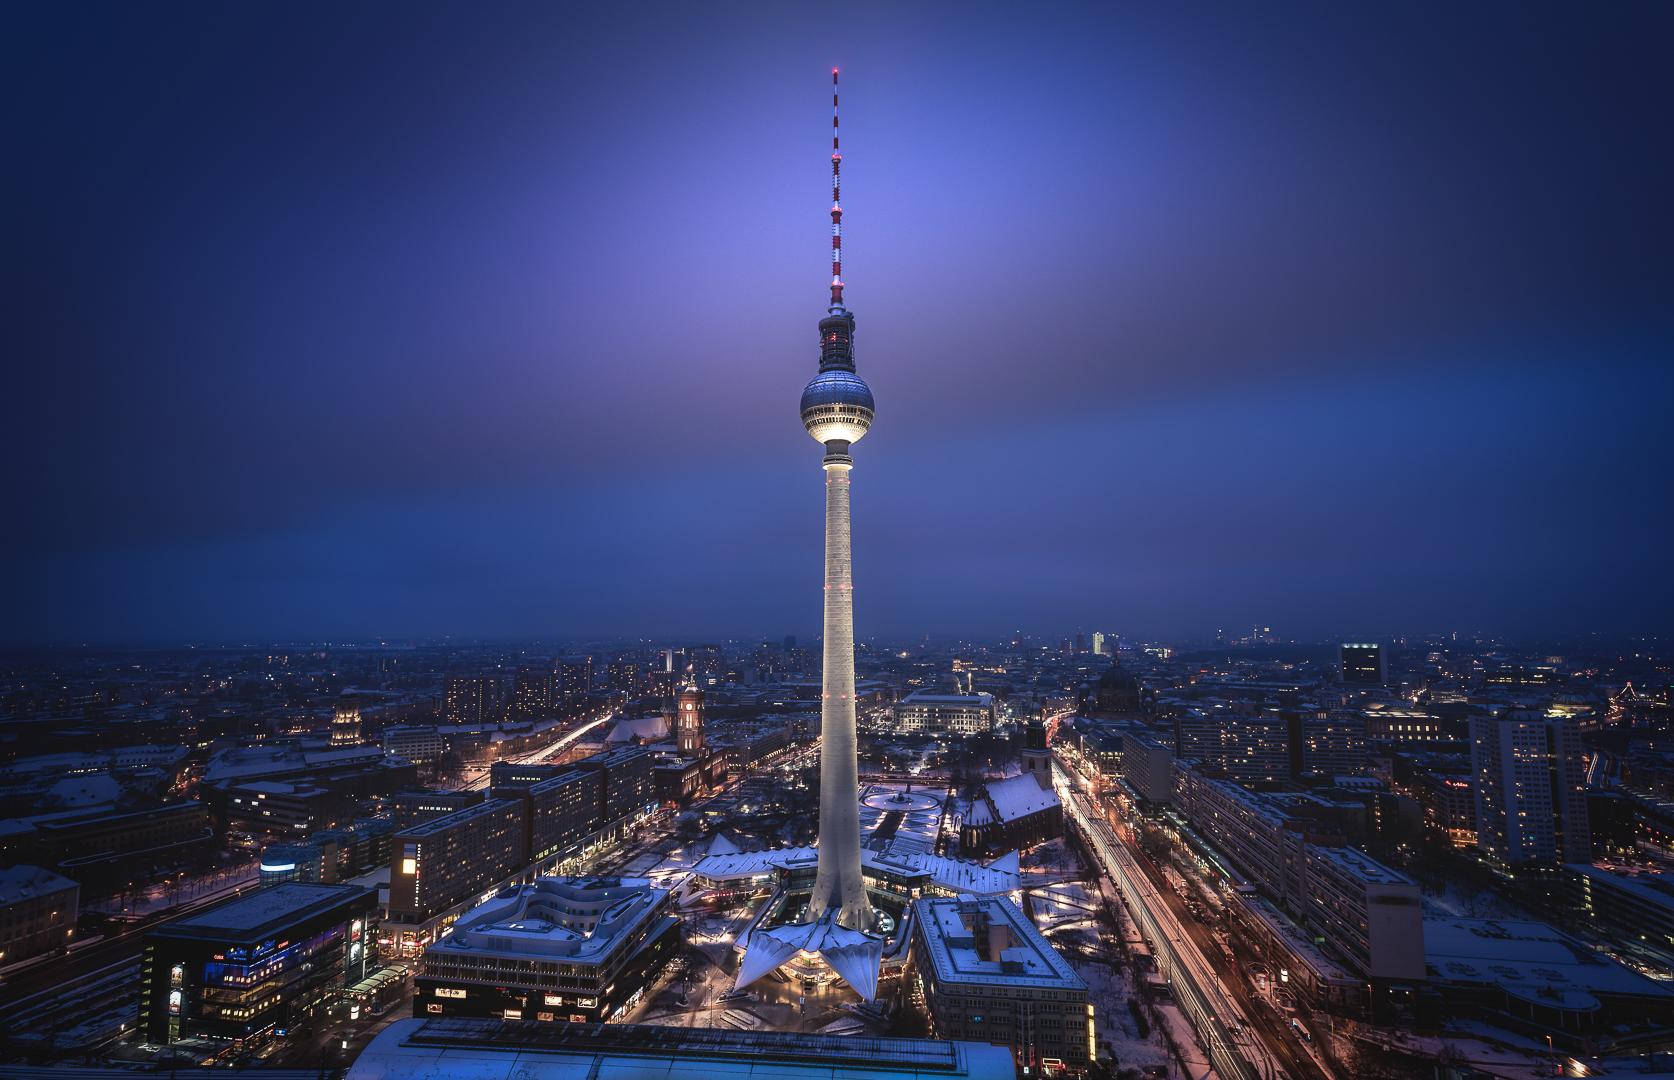 Berlin, TV Tower, Fernsehturm, Sunset, Sonnenuntergang, Blue Hour, Blaue Stunde, Lights, Citylights, Skyline